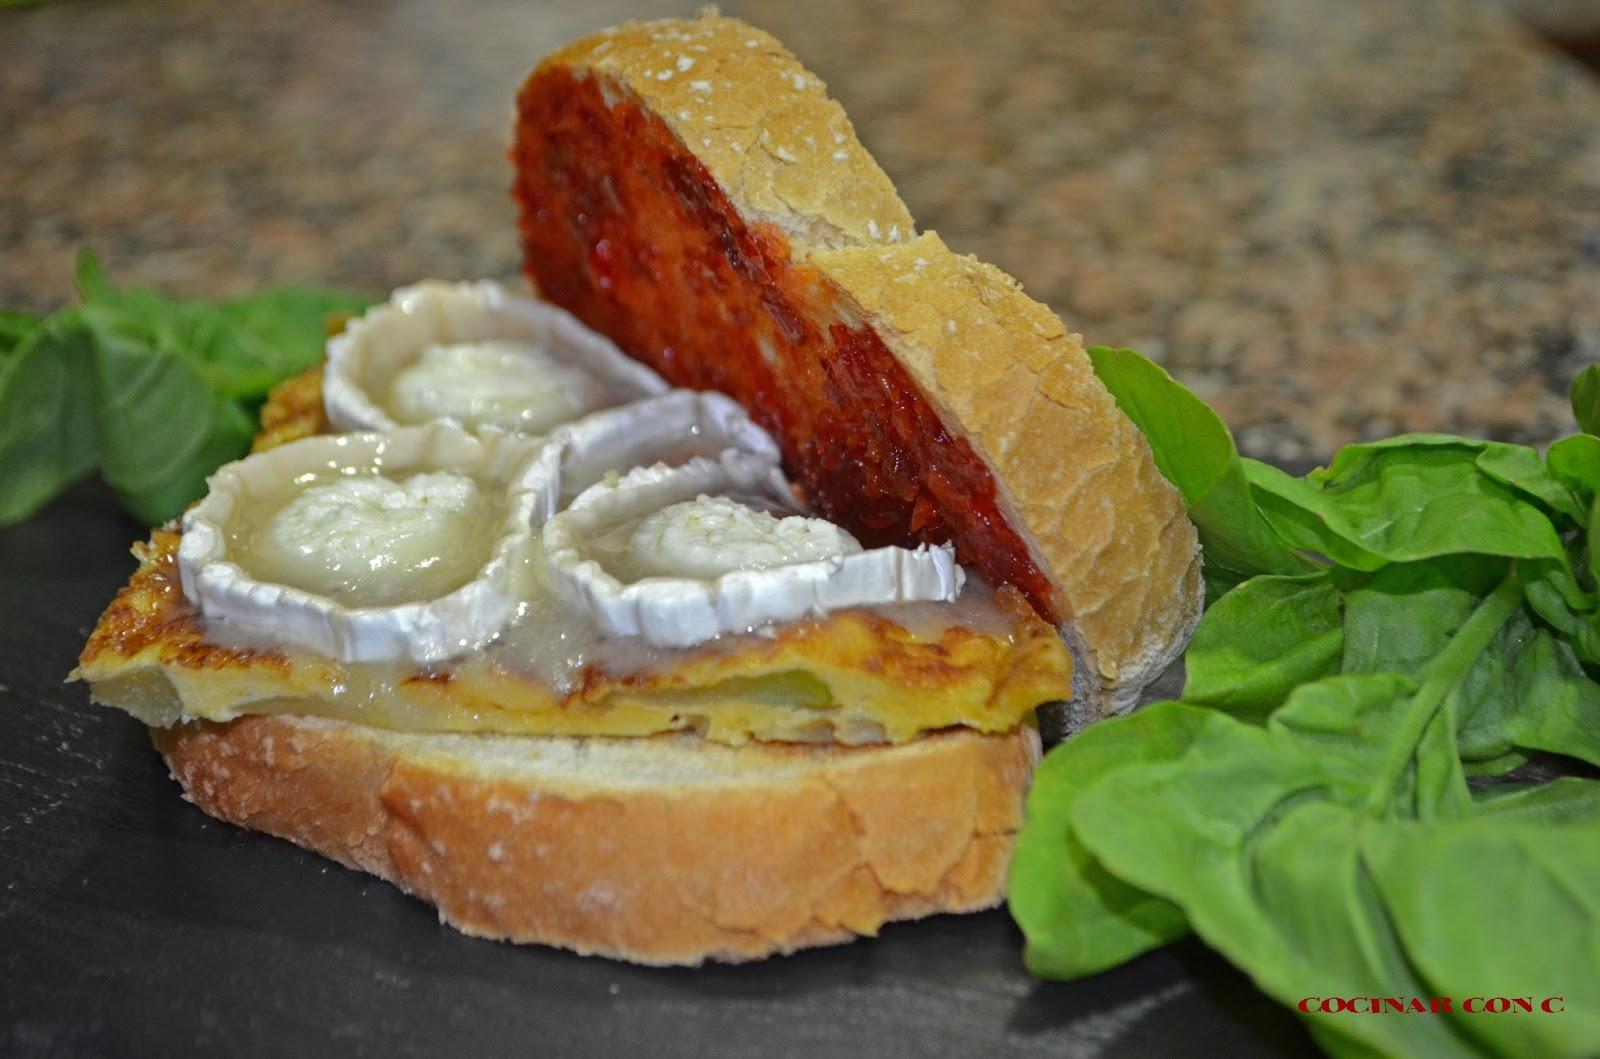 Cocinar con c montadito de tortilla de calabac n y for Cocinar queso de cabra